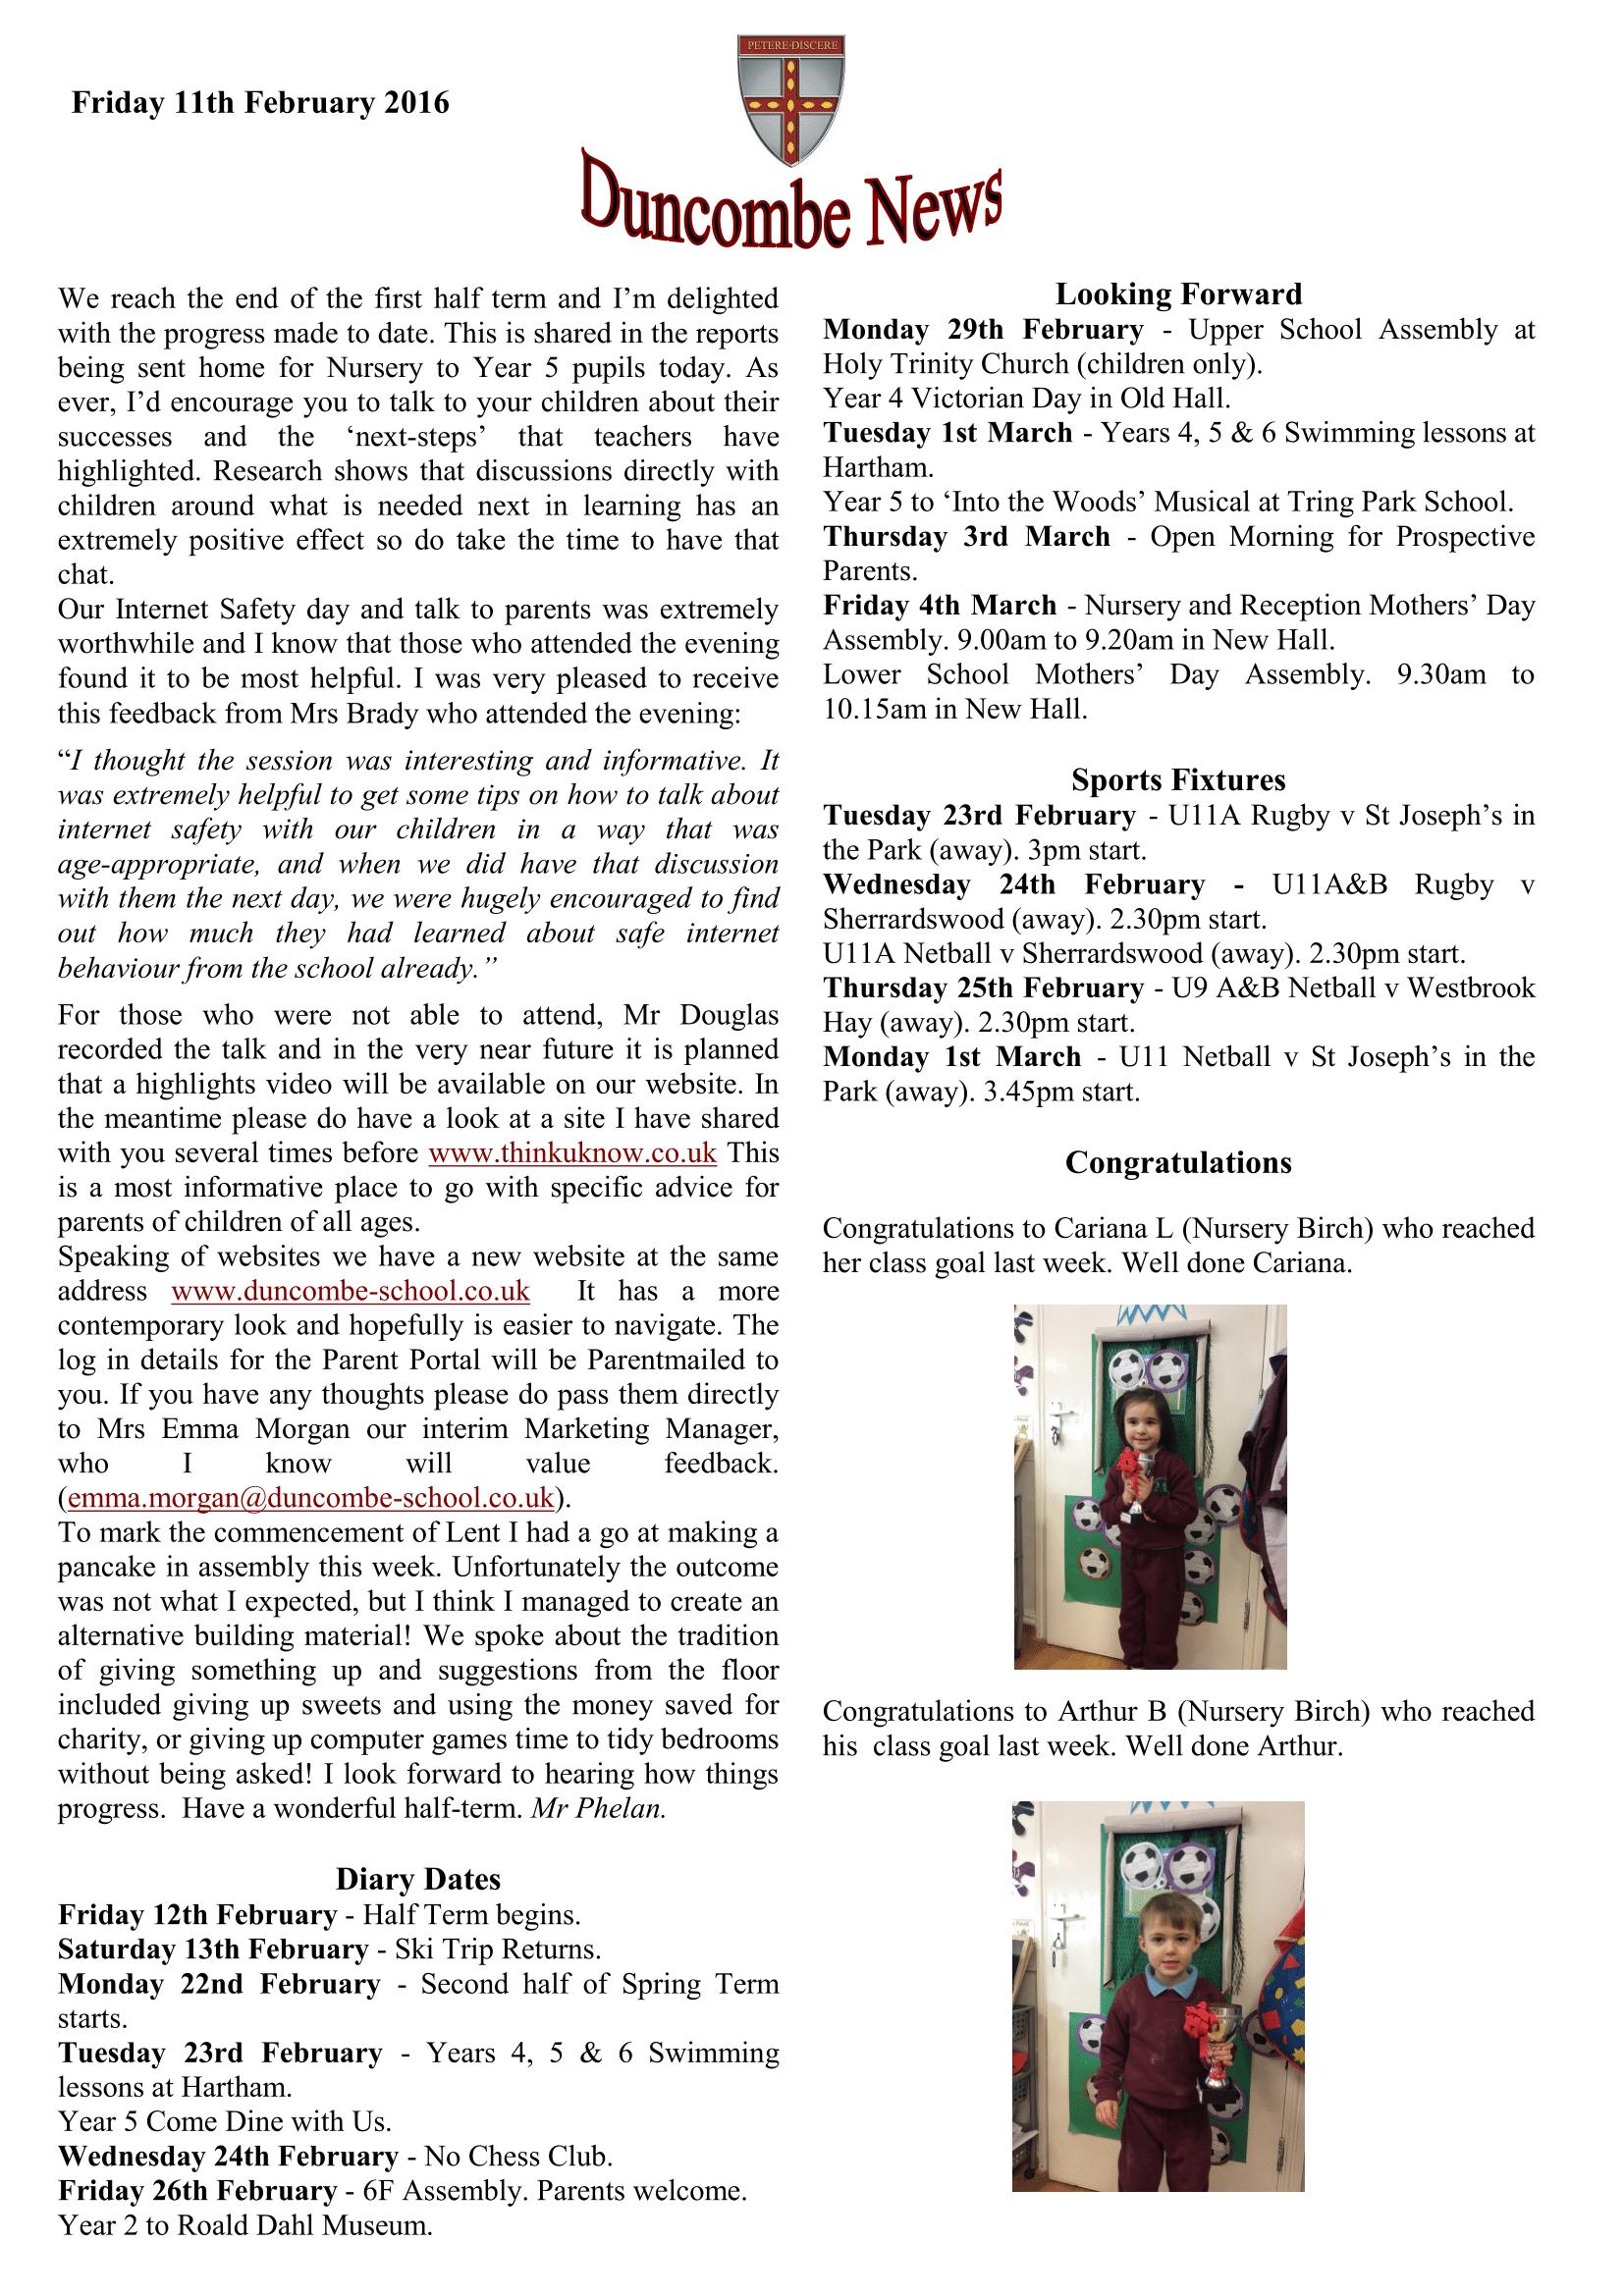 Duncombe February Newsletter